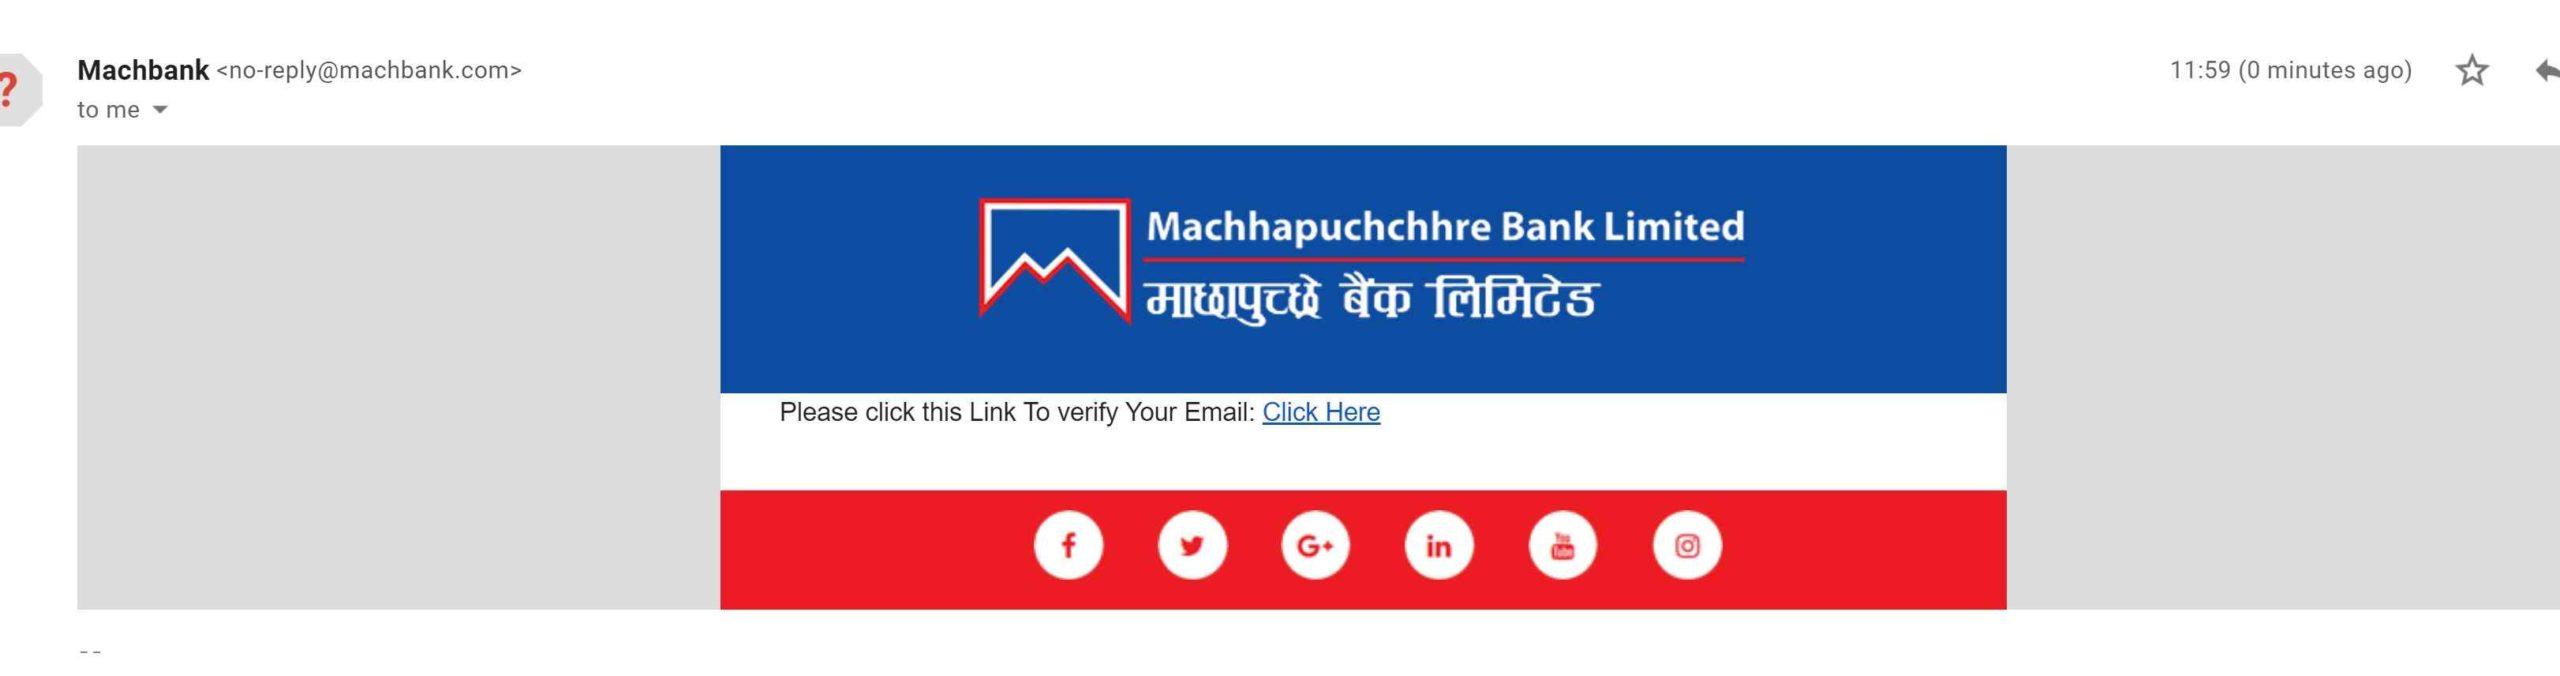 online account for machhacpuchchhre bank verification